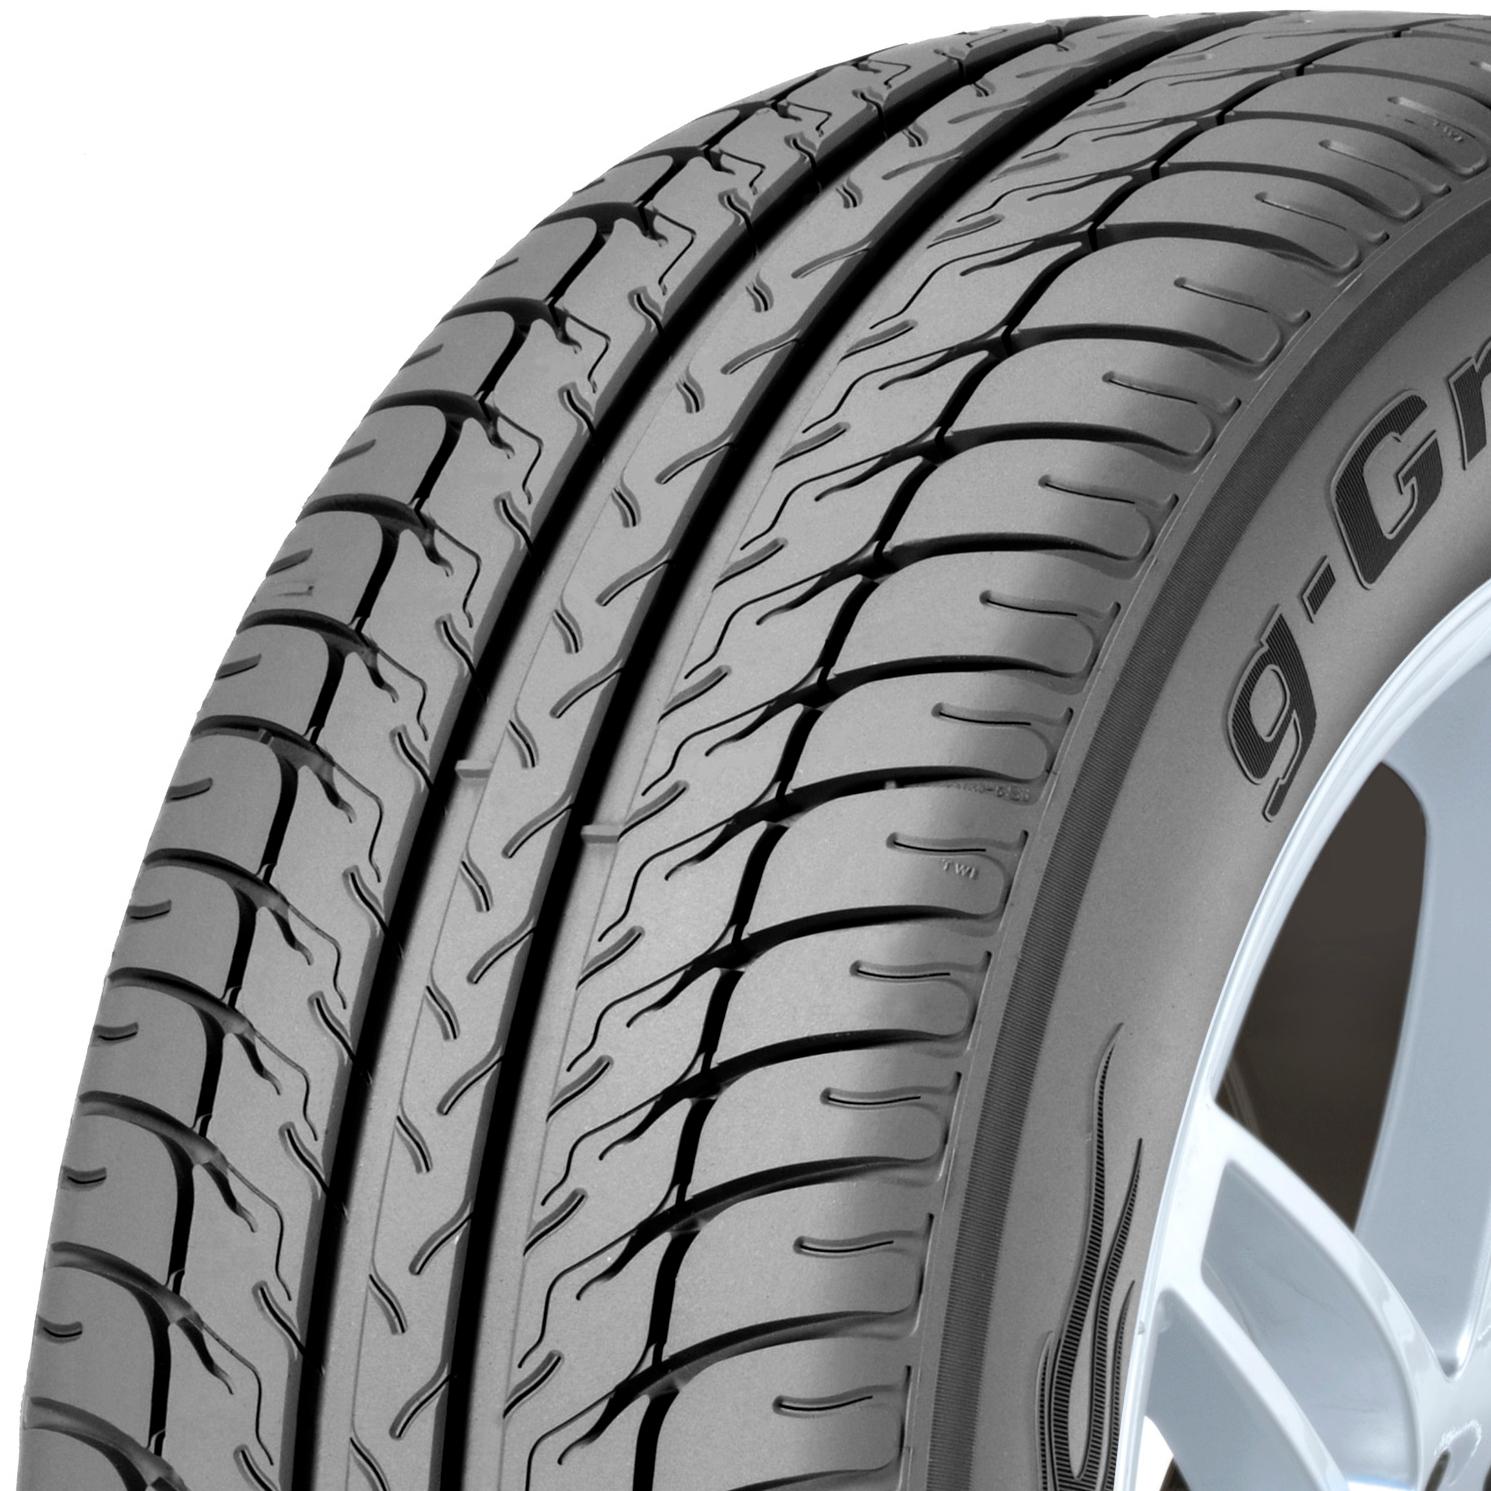 BFGOODRICH g-grip 215/45 R16 90V TL XL, letní pneu, osobní a SUV